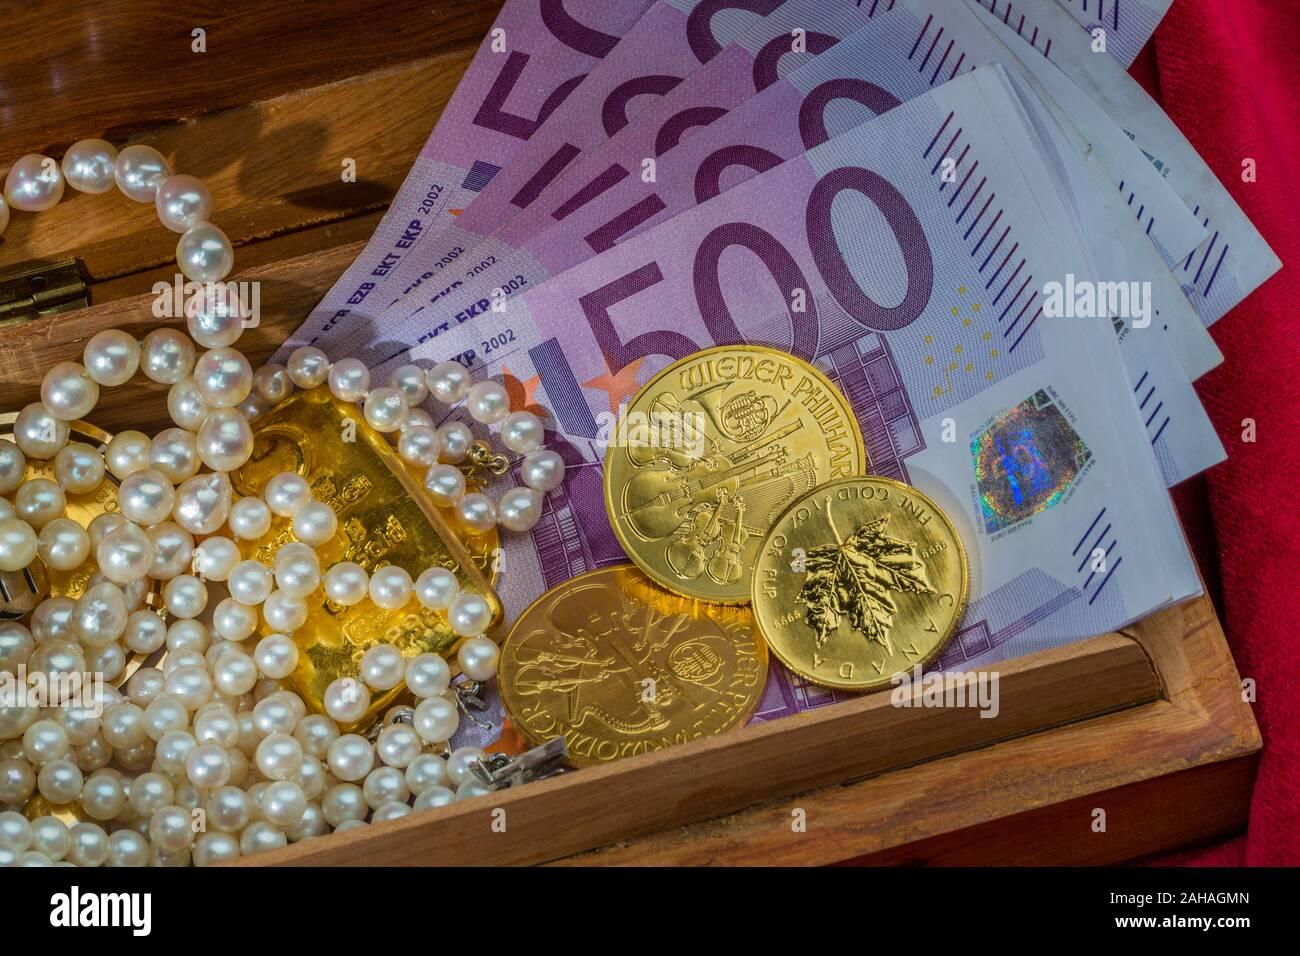 Gold in Münzen und Barren mit Schmuck auf rotem Samt. Symbolfoto für Reichtum, Luxus, Reichensteuer, 500 Euro Scheine, Stock Photo